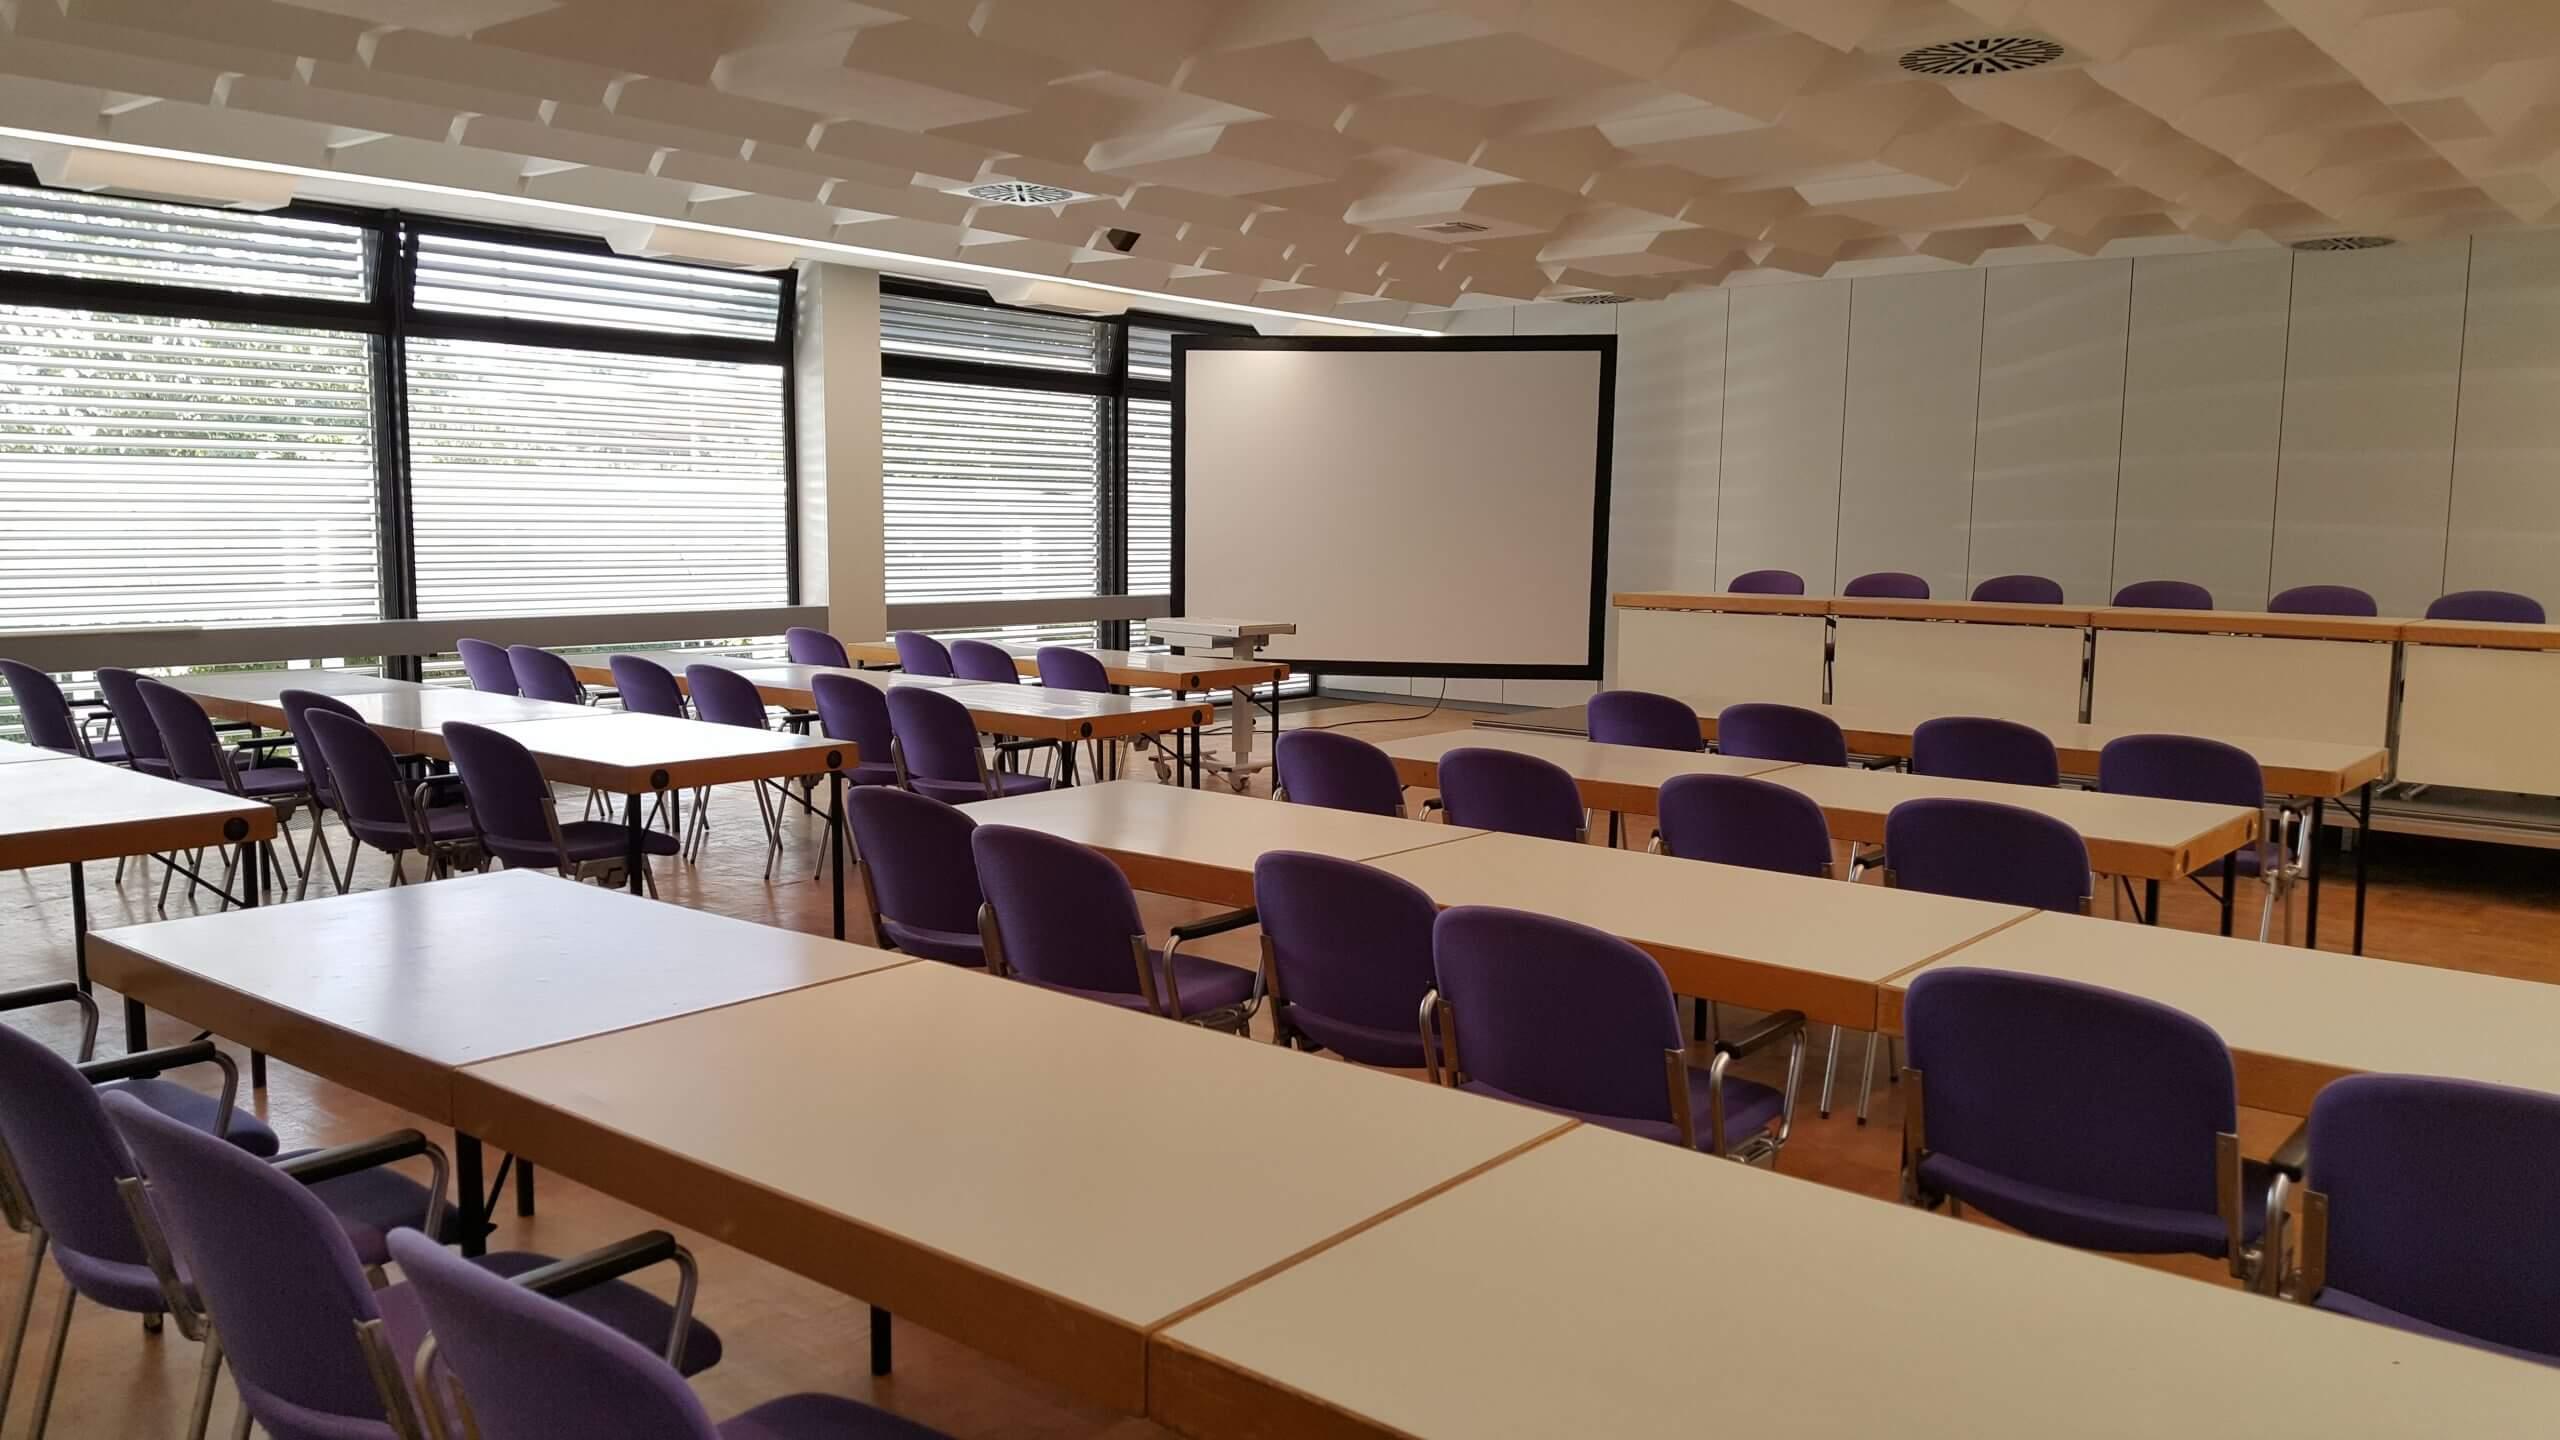 Saal 1 in der Saarlandhalle in Reihenbestuhlung mit Vorstandstisch und Leinwand